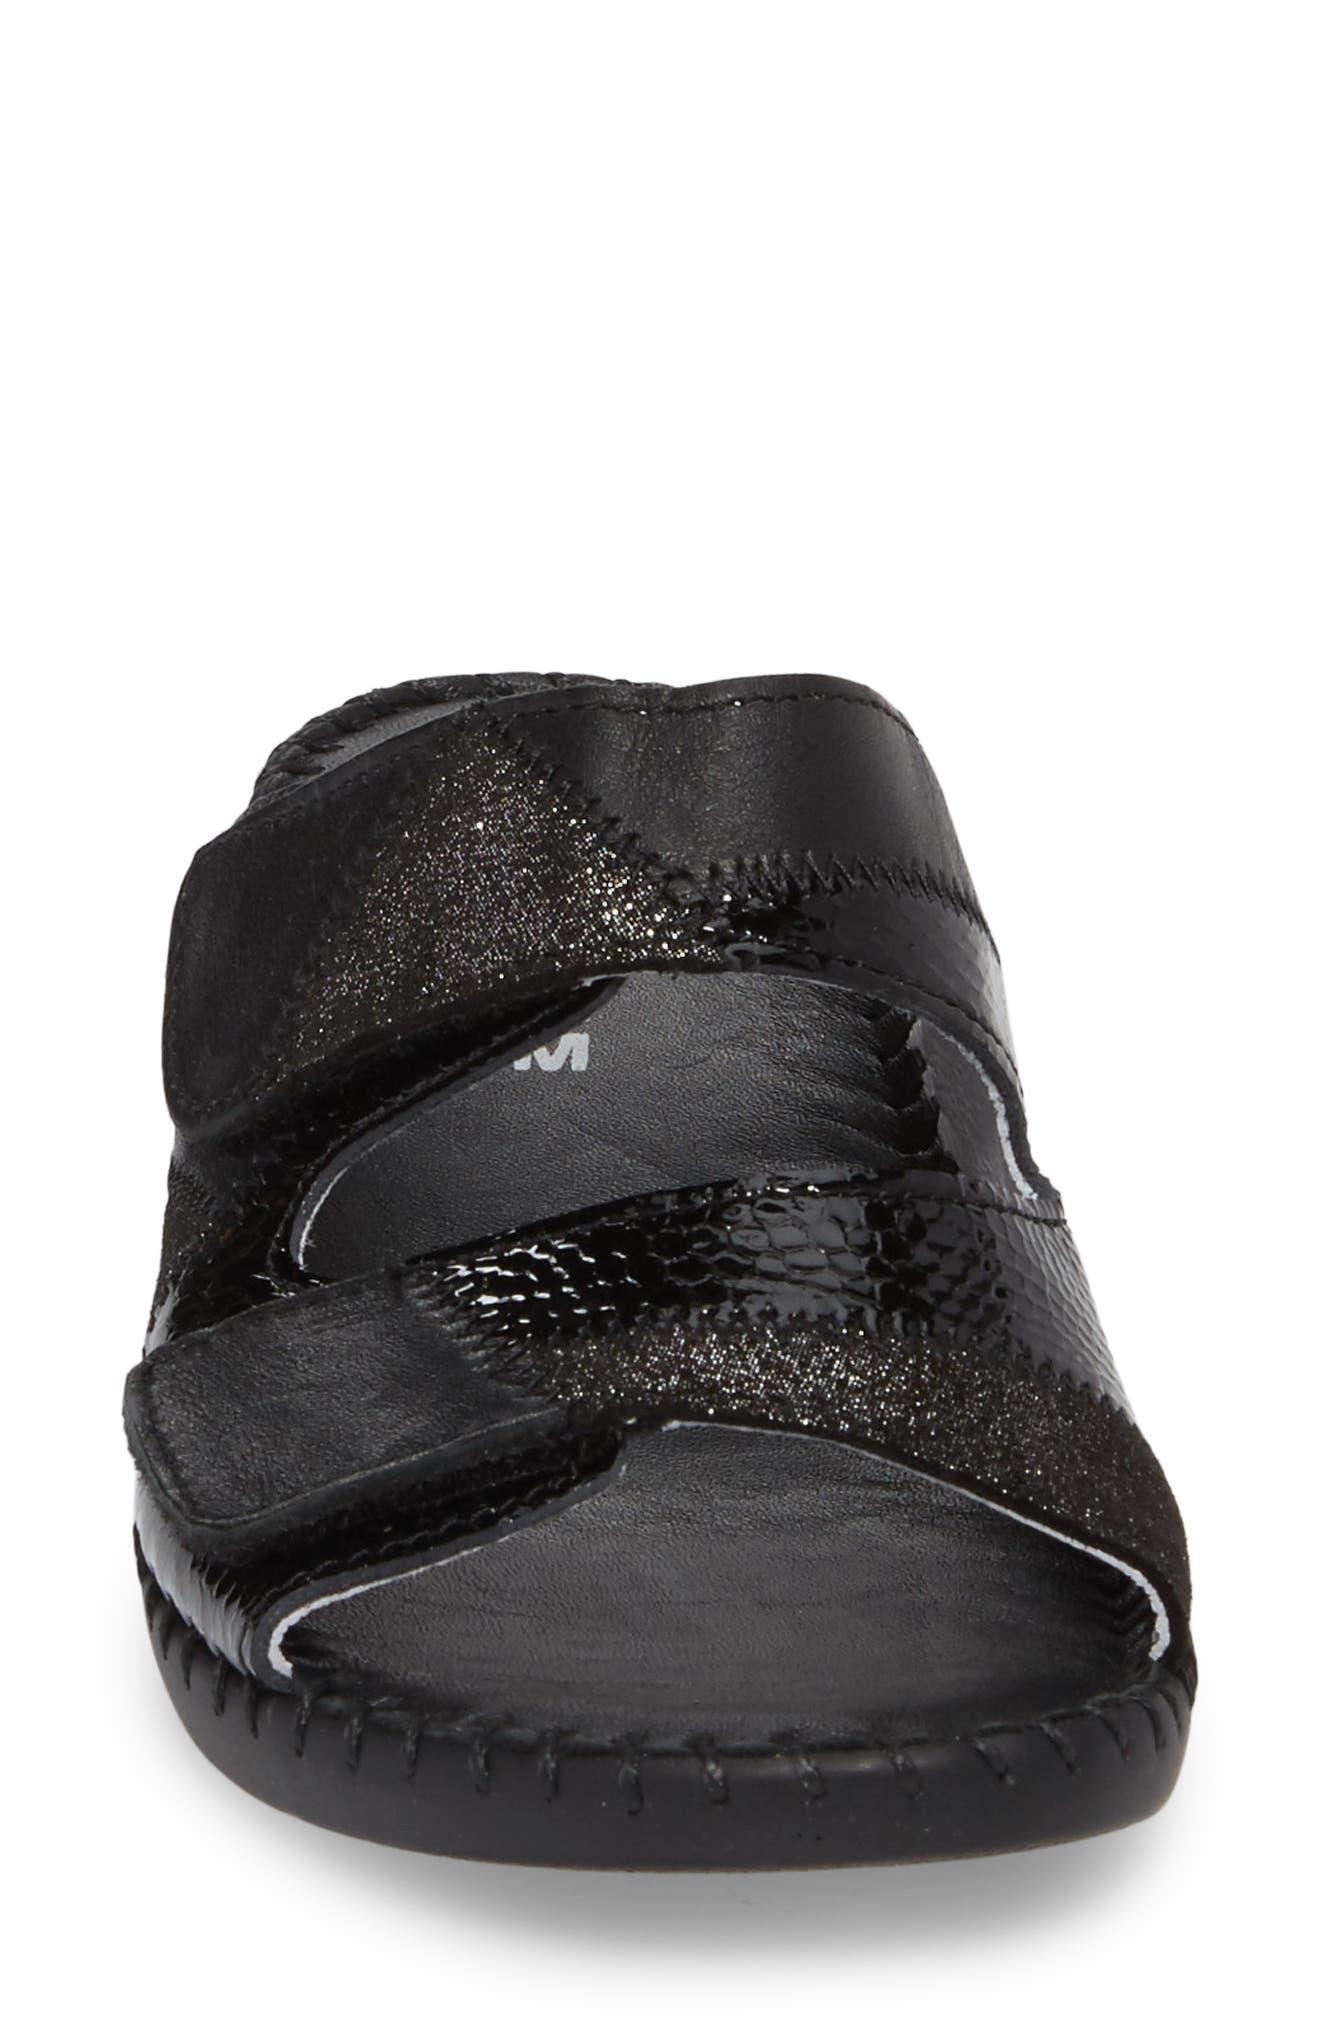 DAVID TATE,                             Flex Slide Sandal,                             Alternate thumbnail 4, color,                             BLACK LEATHER